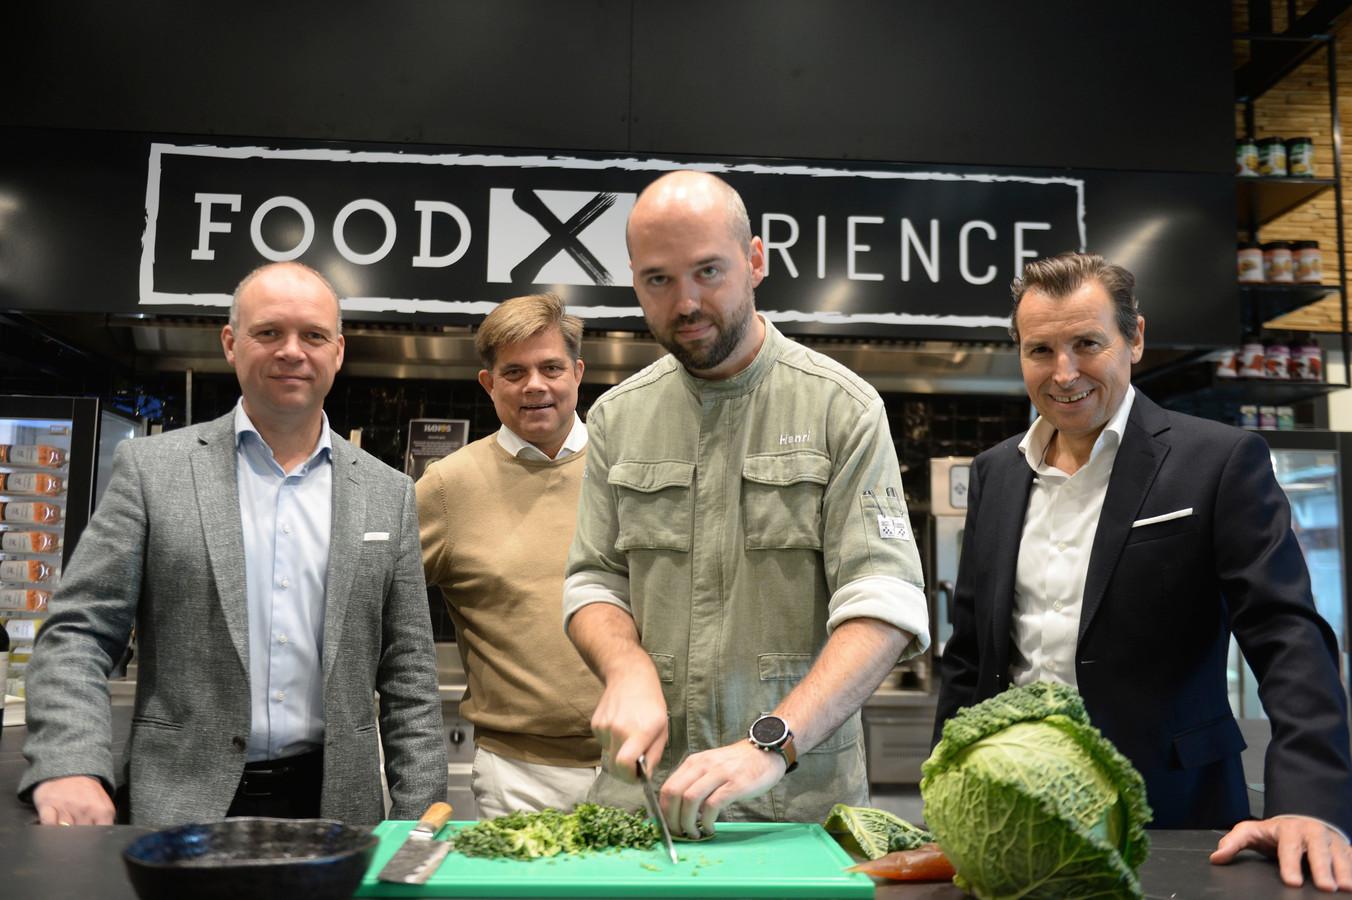 Kooktheater Hanos met v.l.n.r. Frits Hulshof (Hanos), Johan Langelaar (Twente Culiniar)  Henri Troost (kok) en Mario Hannink (Tubantia)